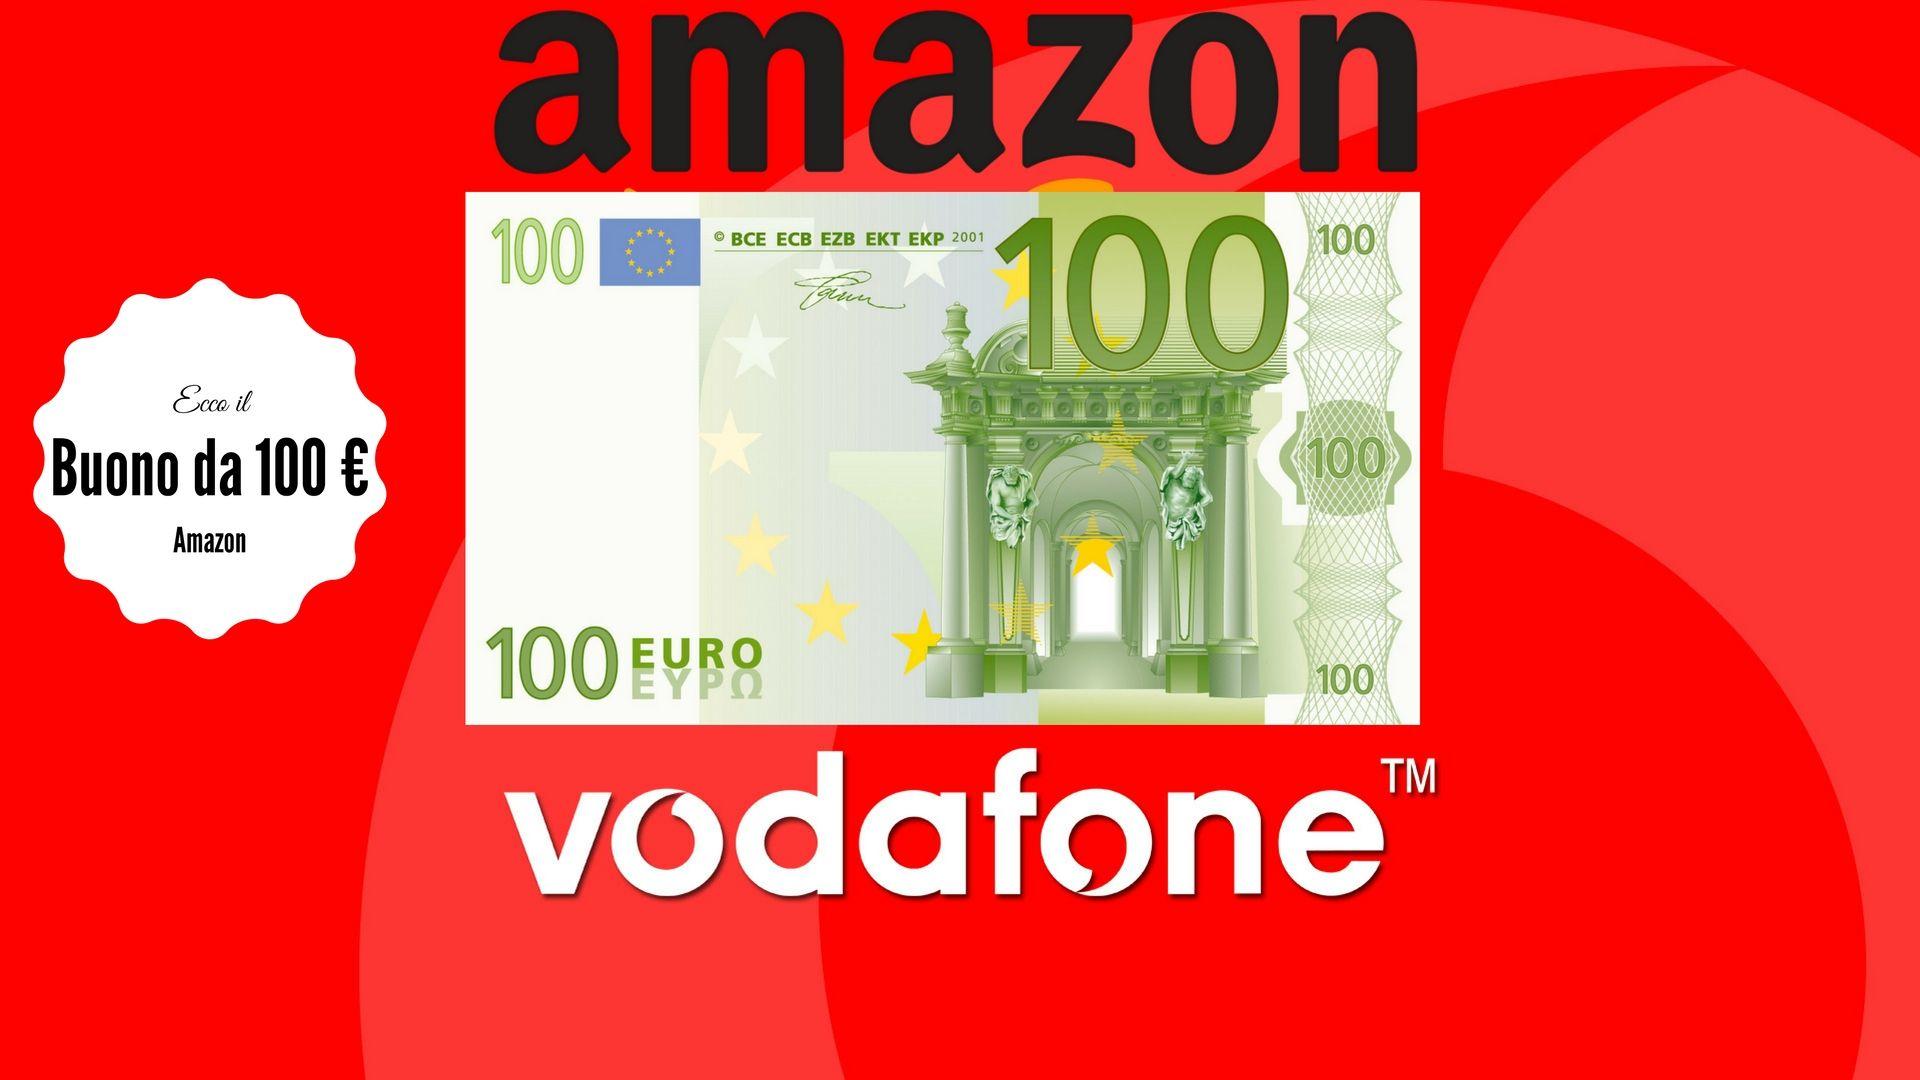 Vodafone: ben 100 € di buoni Amazon a chi attiva un'offerta